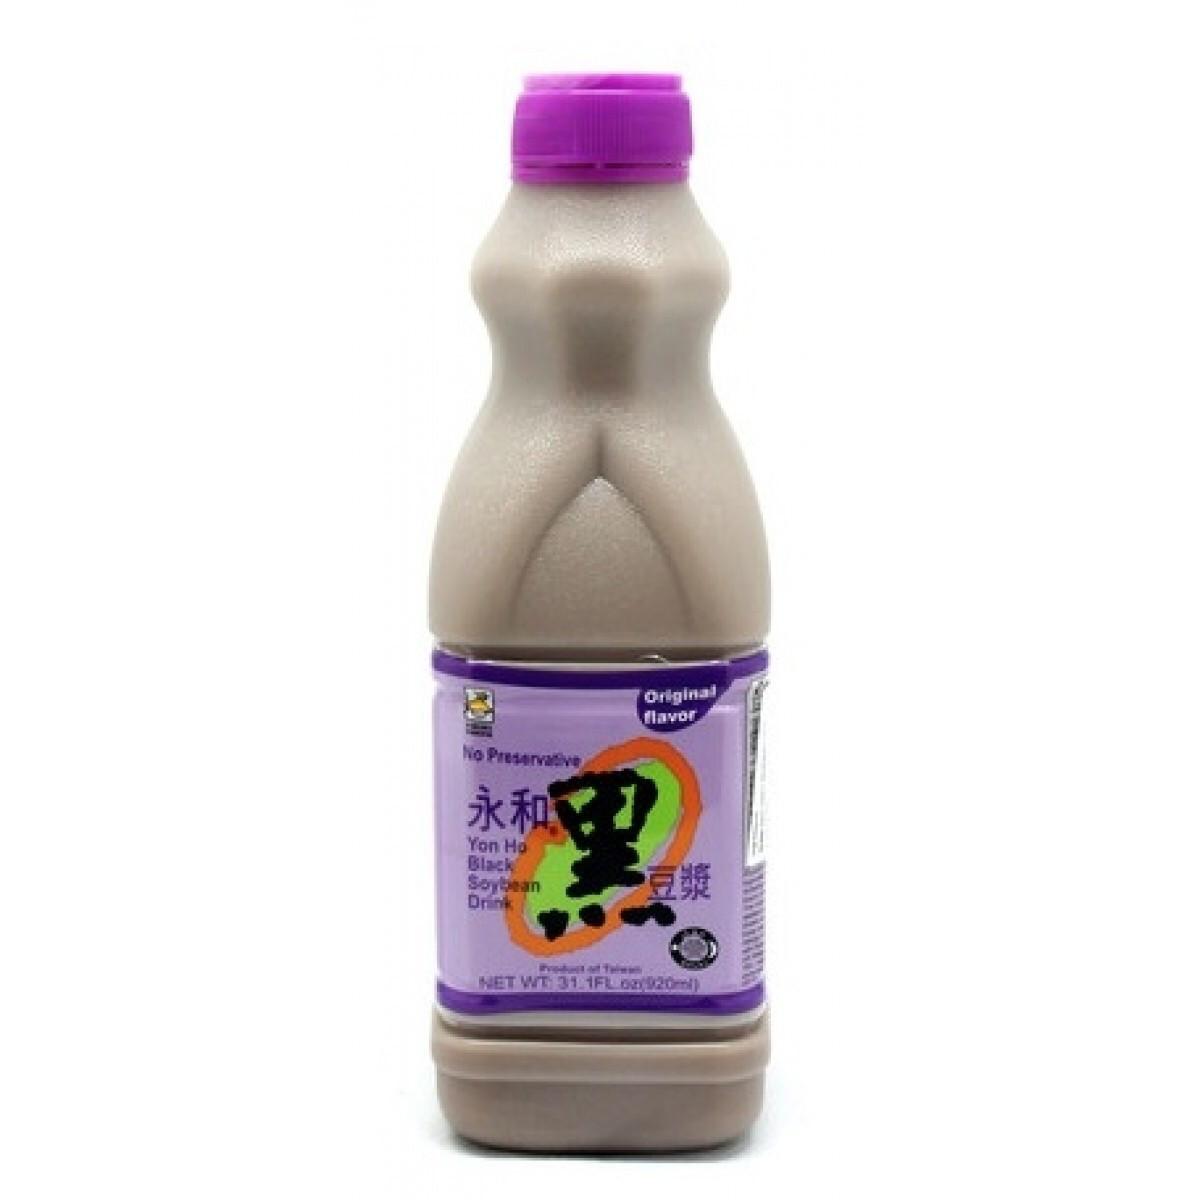 YH Black Soybean Drink 920ml